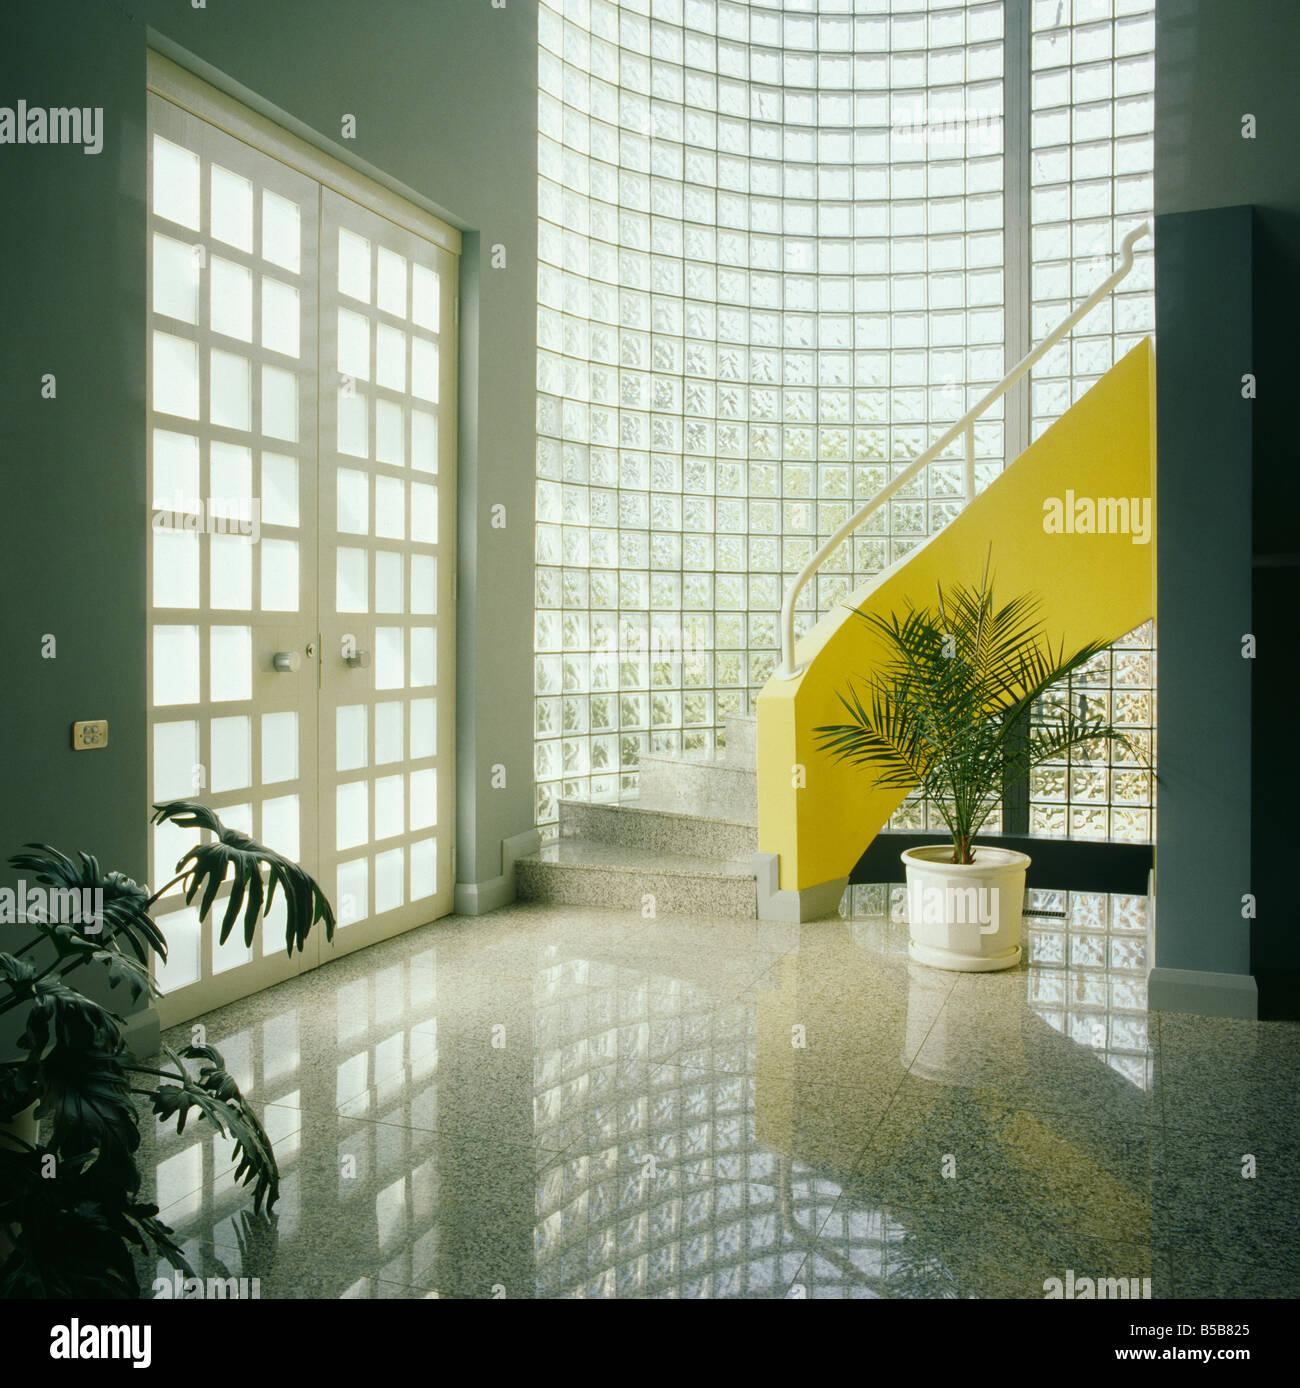 Liebenswert Moderner Bodenbelag Foto Von Granit-bodenbelag Und Glas-ziegel Wand In Die Moderne